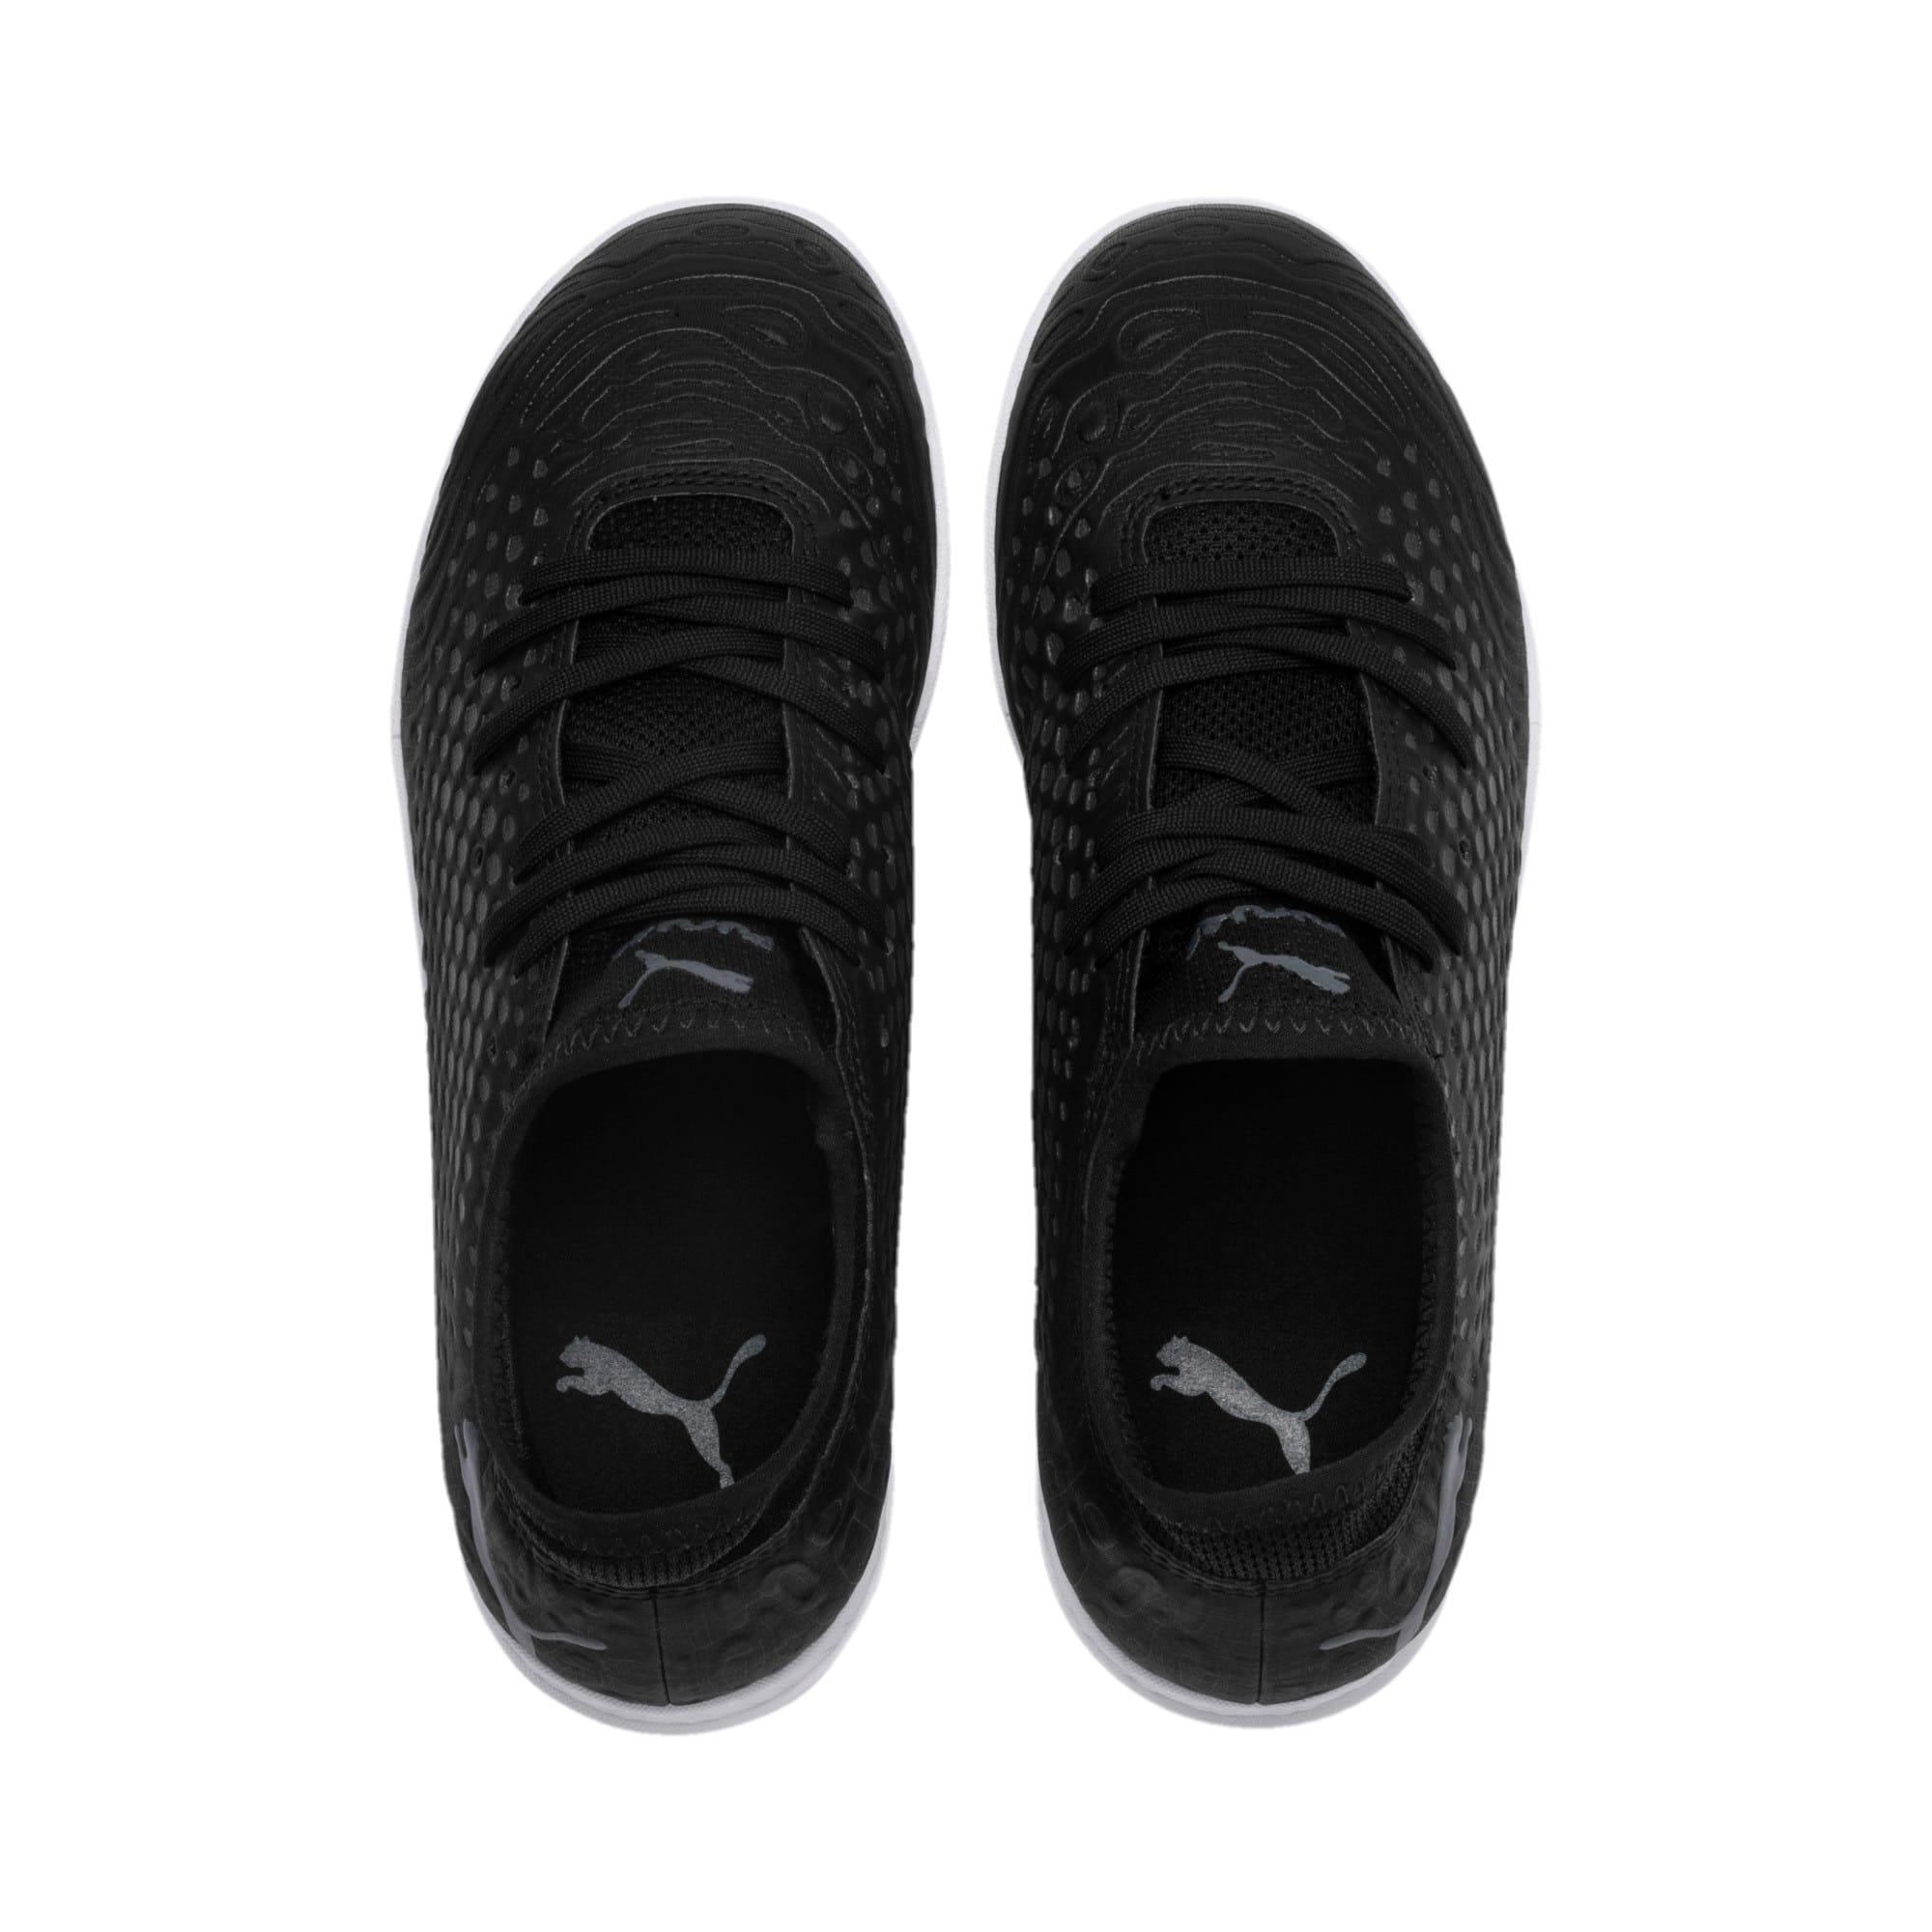 Thumbnail 6 of FUTURE 19.4 TT Soccer Shoes JR, Puma Black-Puma Black-White, medium